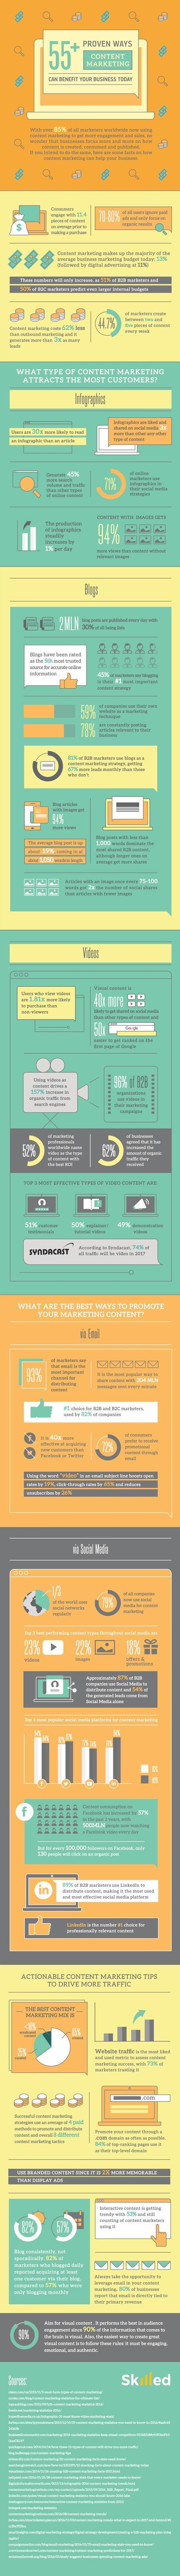 55 maneras probadas en las que el marketing de contenidos puede ayudar a tu negocio